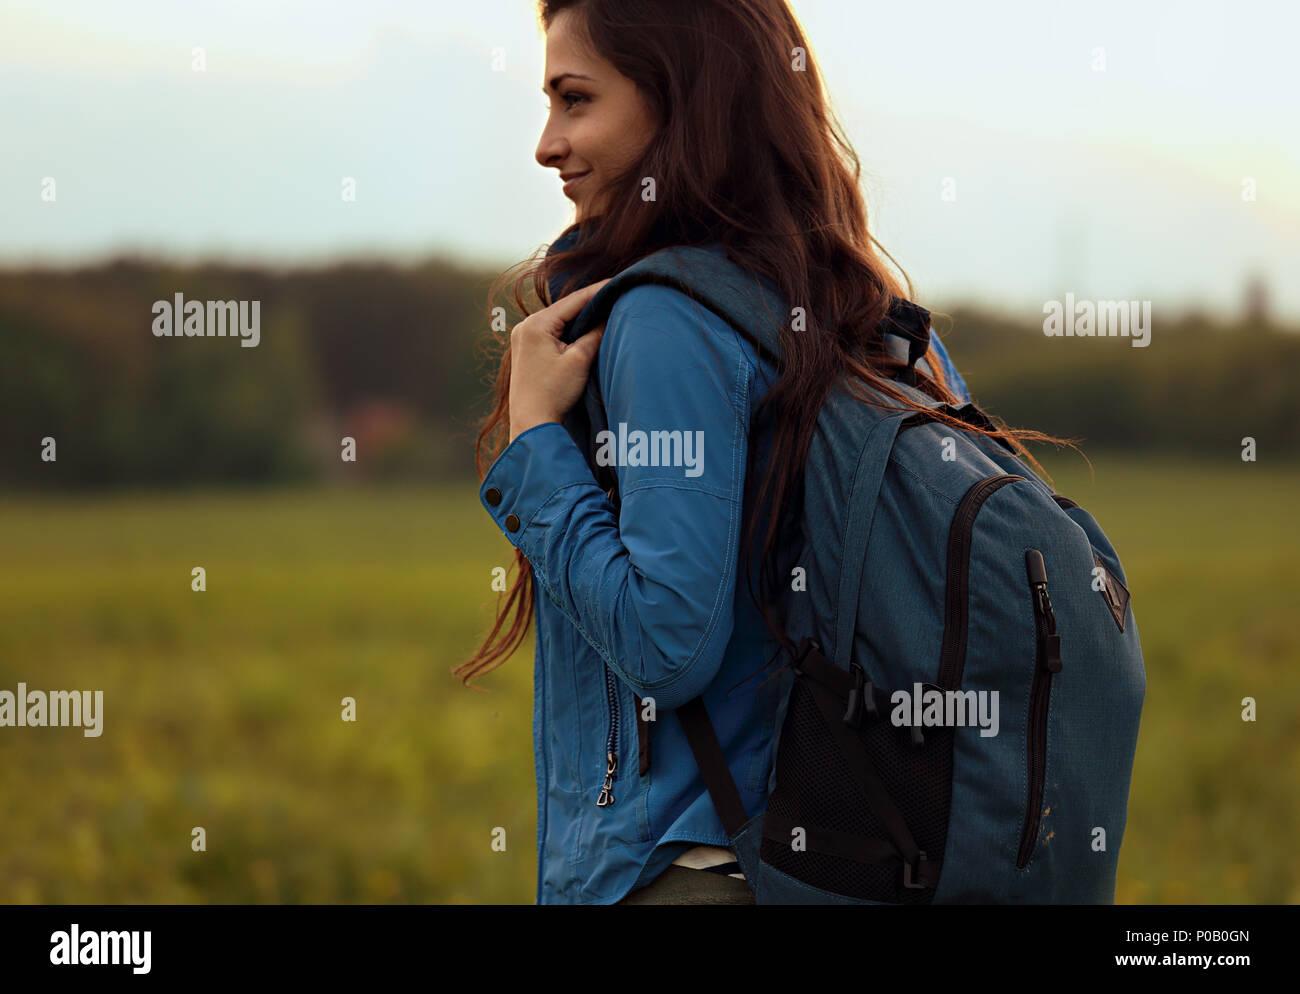 Feliz mochileros aventureros mujer tienen un camping con azul enorme gaita en la naturaleza tarde de verano closeup retrato de fondo. Imagen De Stock